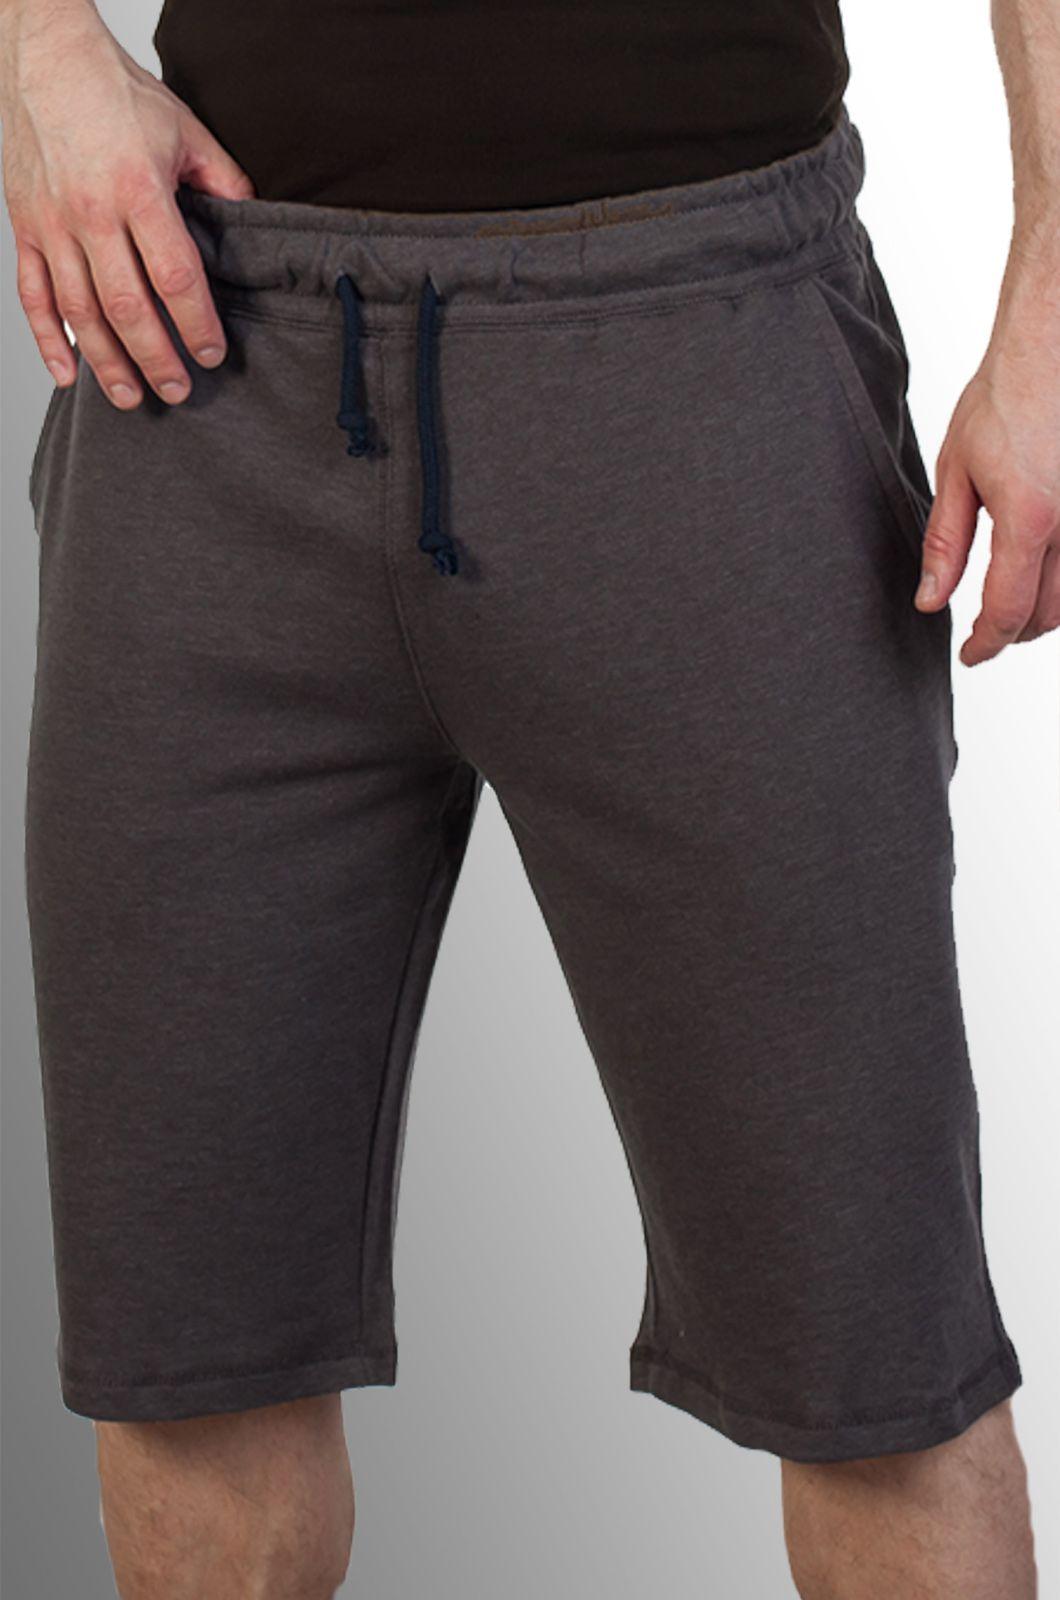 Мужские шорты для дома по выгодной цене